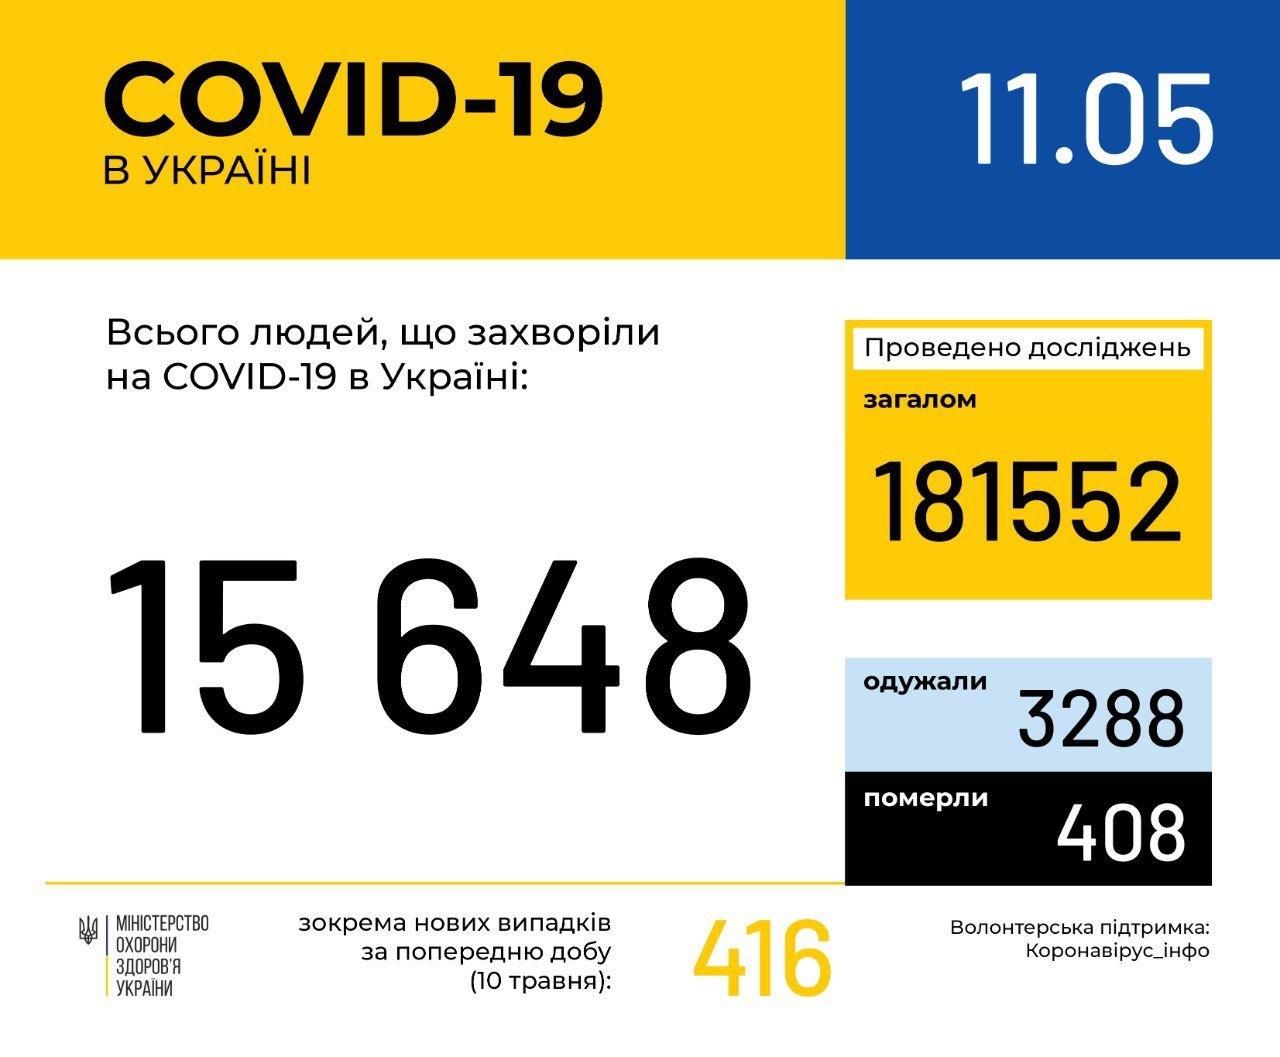 Коронавирус в Украине: более 400 человек умерли после заражения